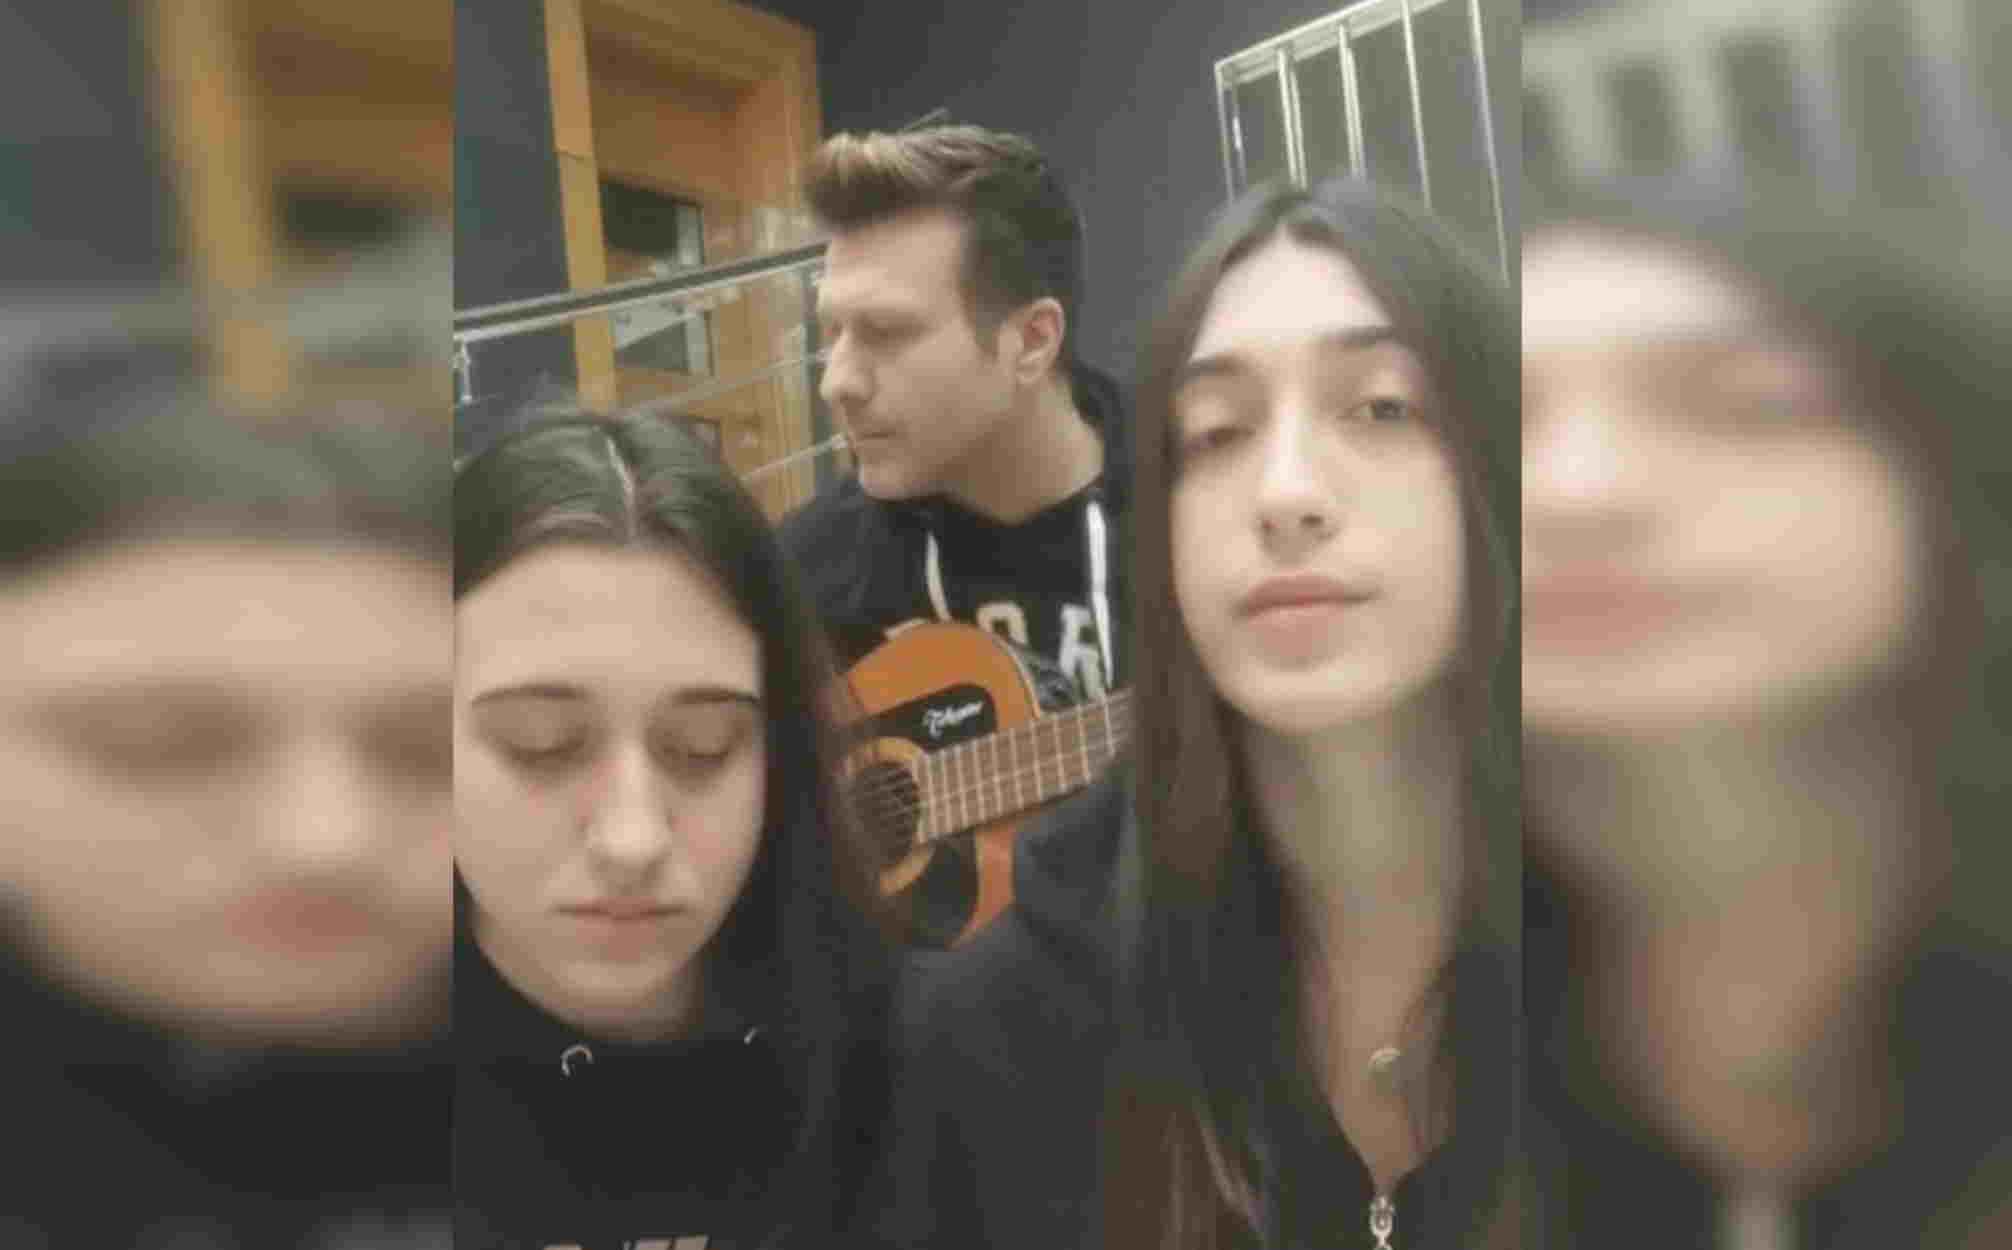 Γιάννης Πλούταρχος: Και η δεύτερη κόρη του τραγουδάει εκπληκτικά – Το βίντεο που έχει σαρώσει